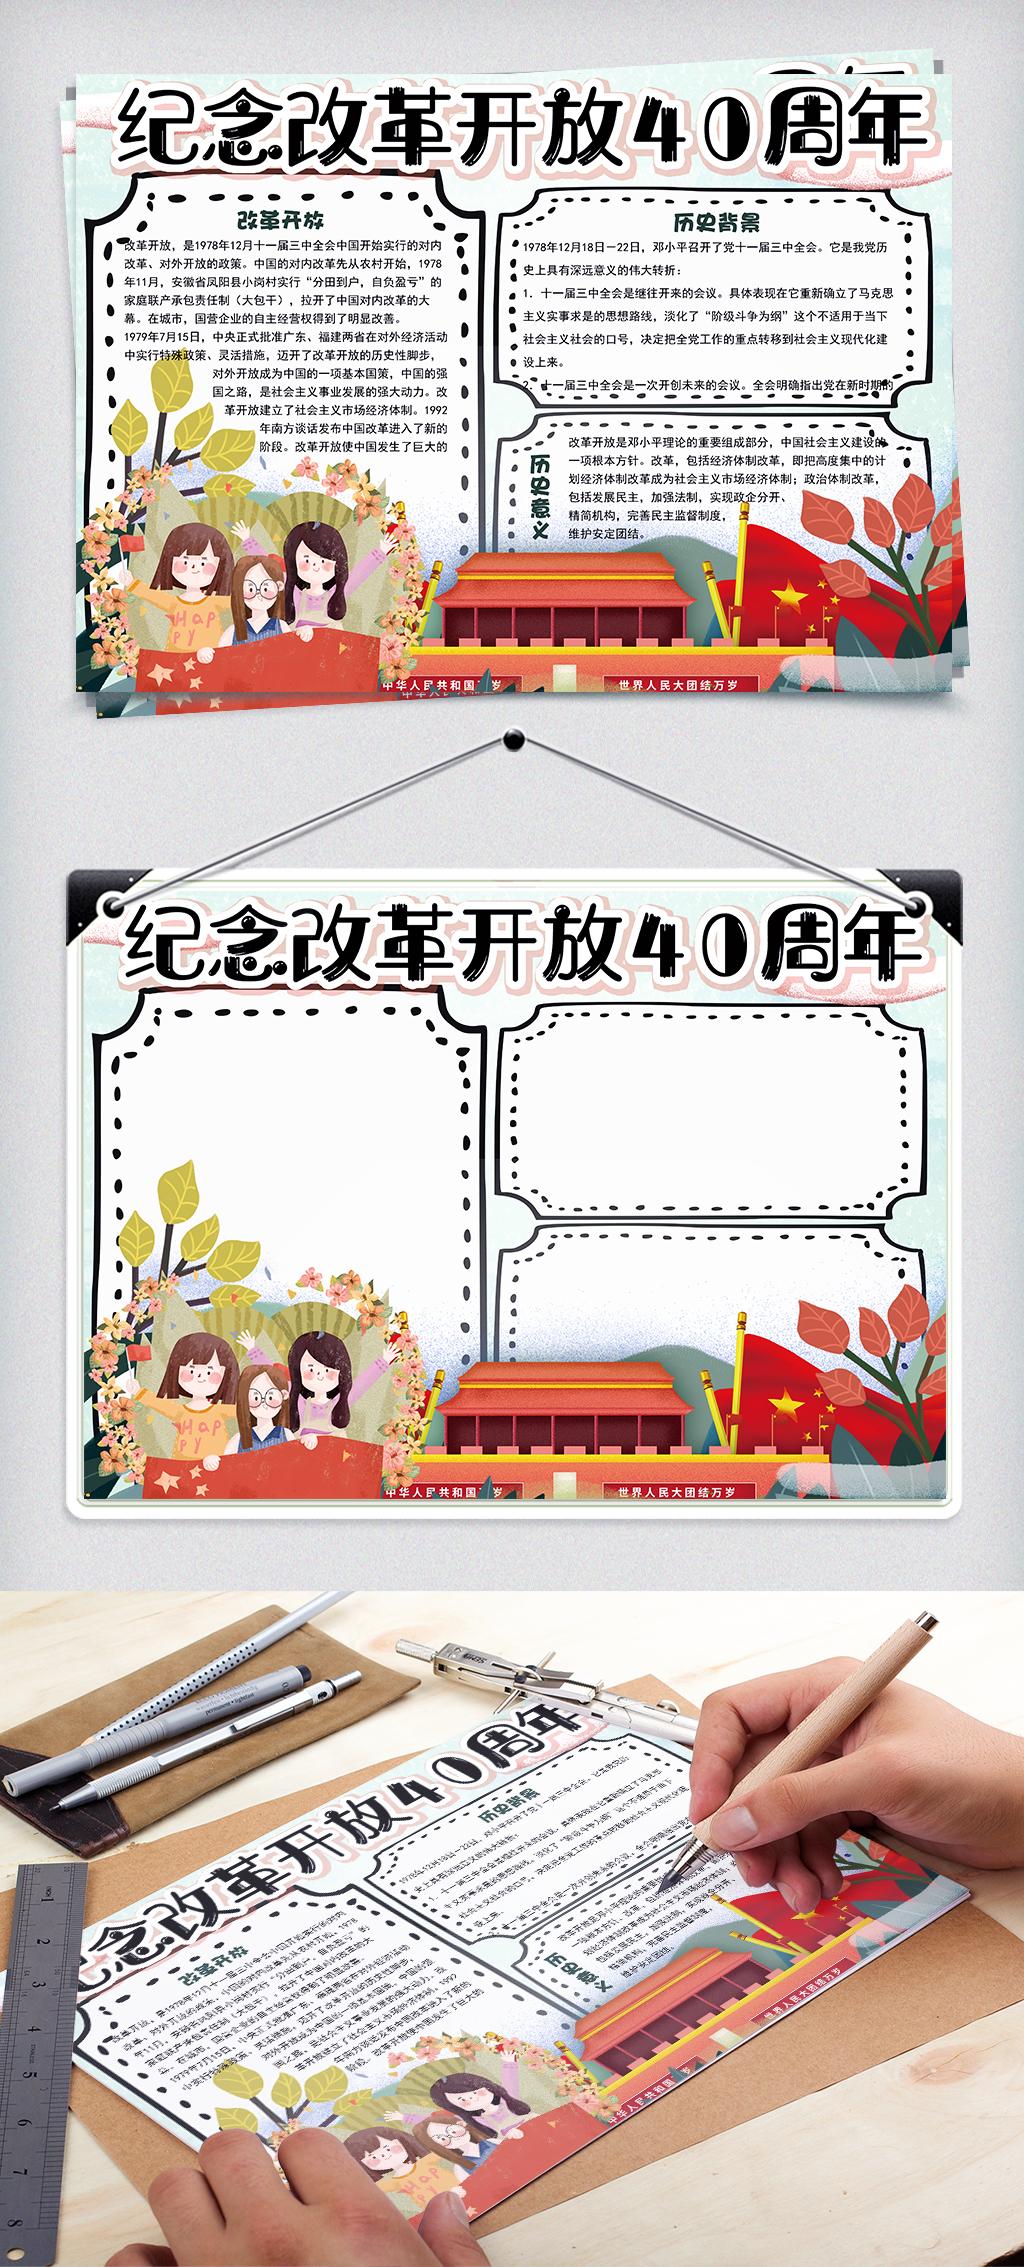 清新手绘风纪念改革开放40周年学生手抄报小报电子模板